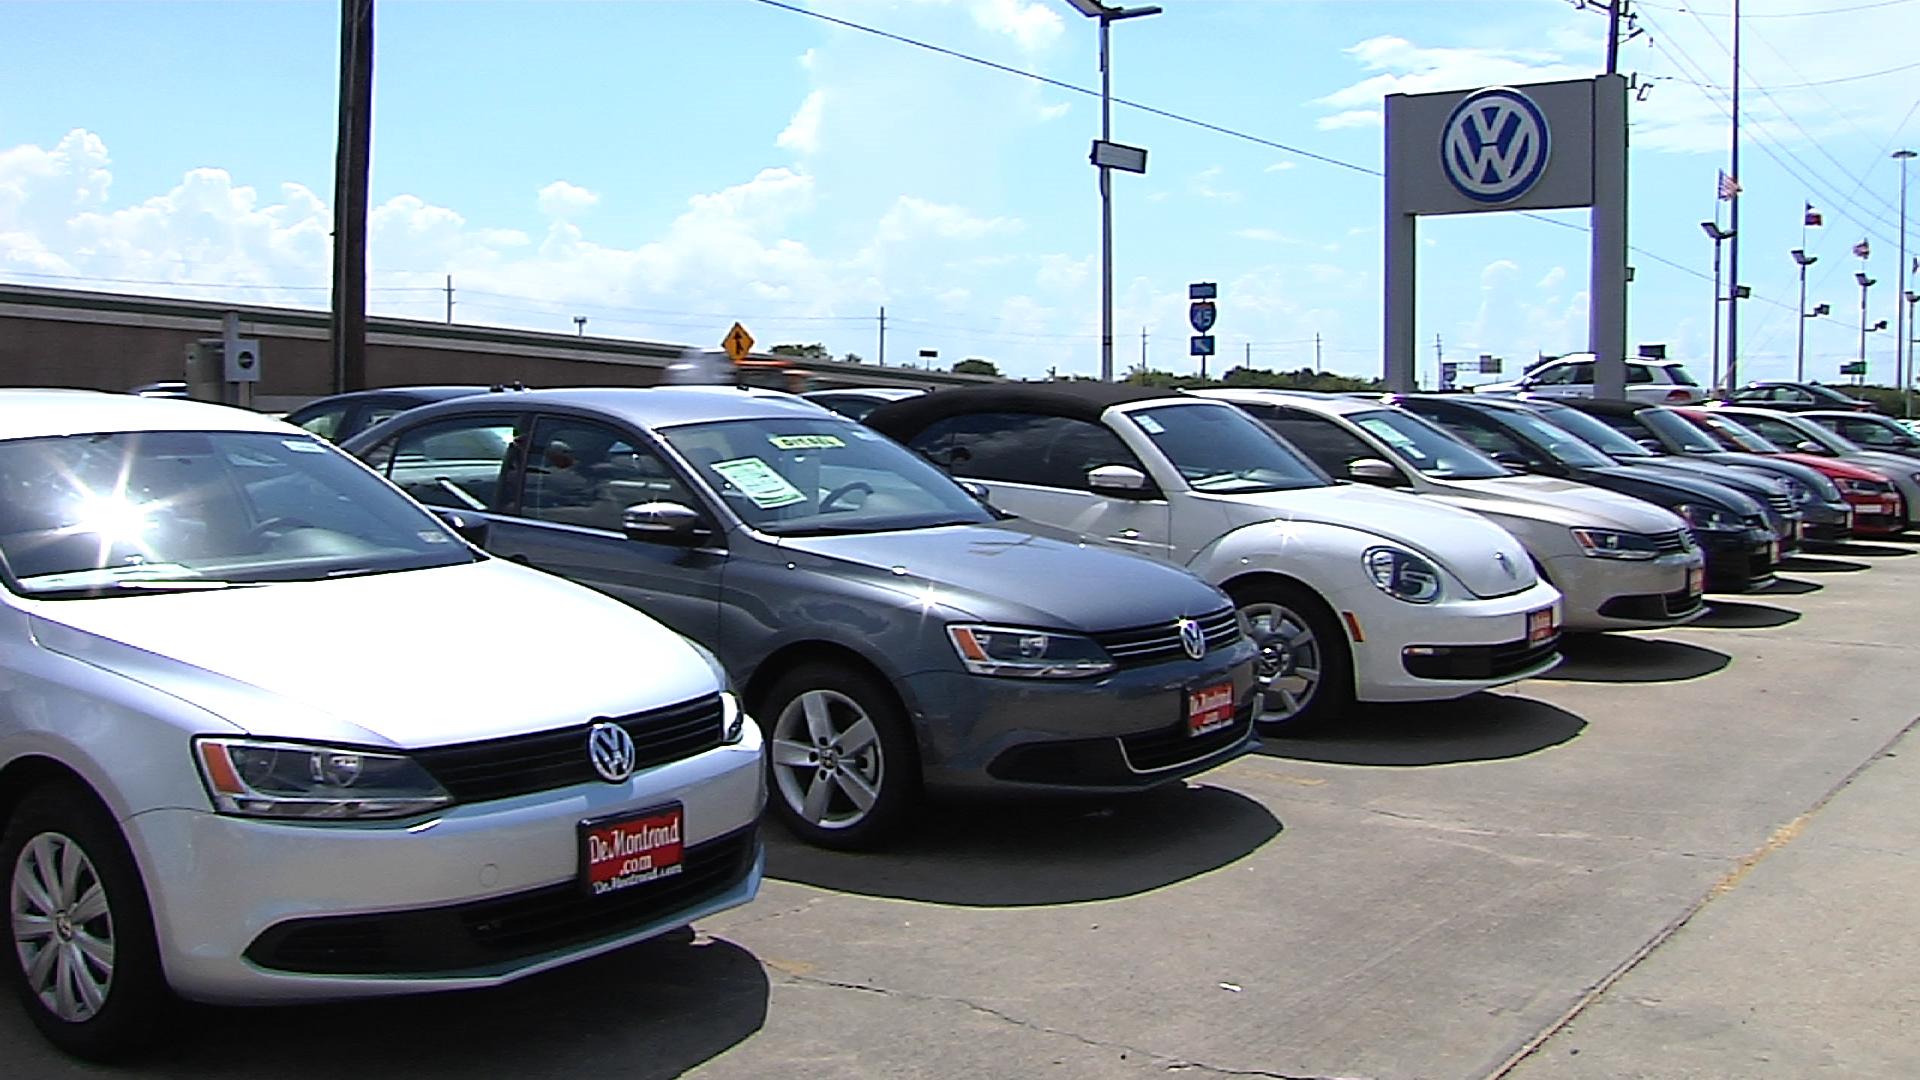 DeMontrond Volkswagen image 1